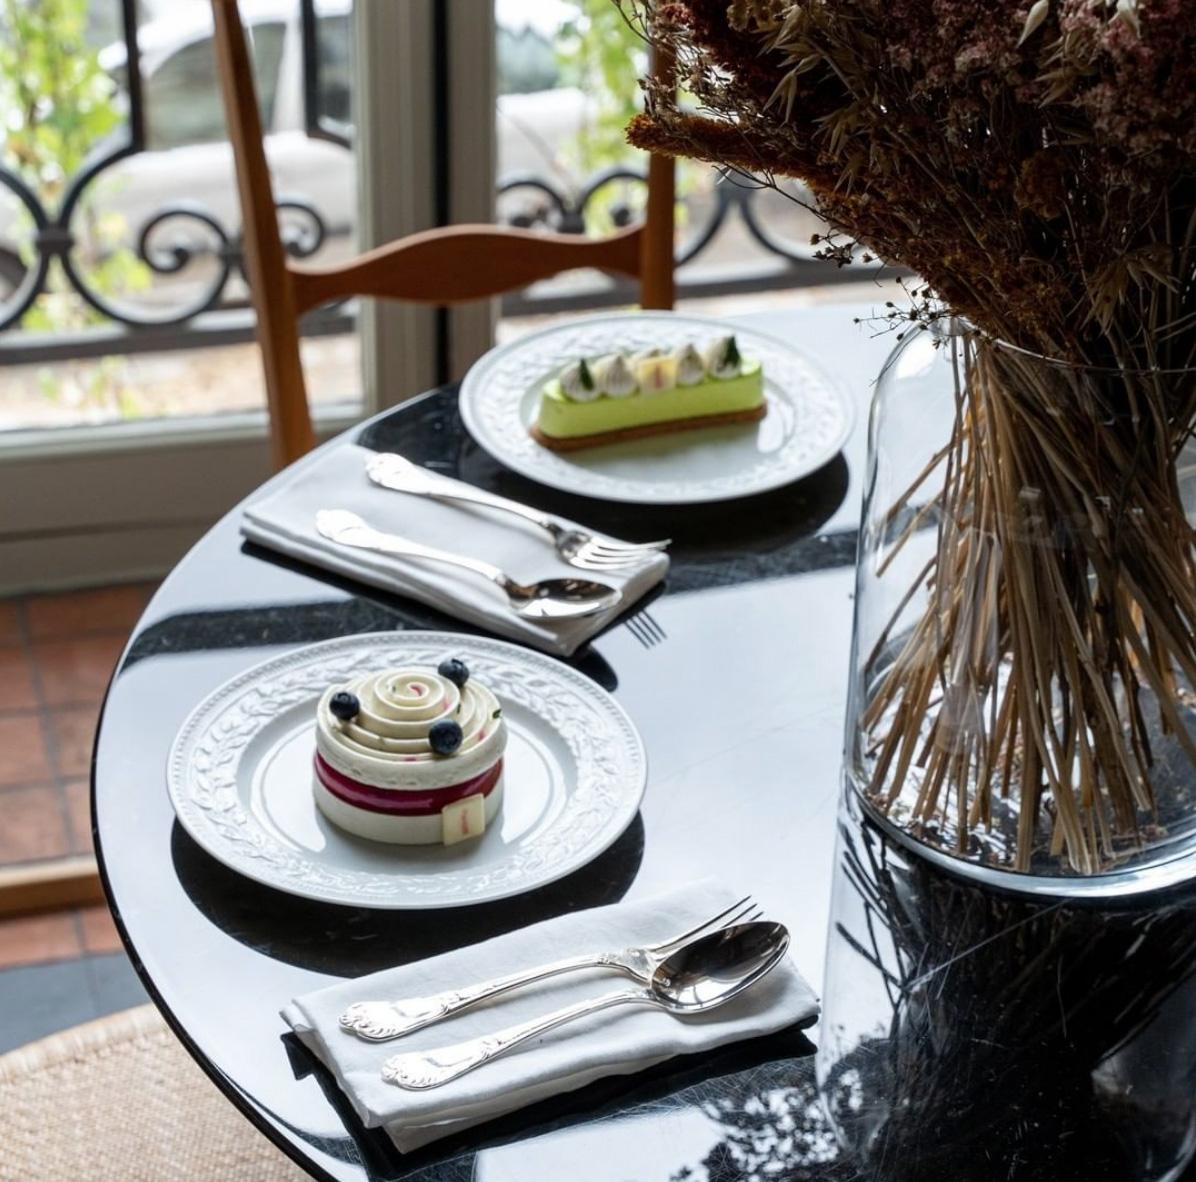 Desayuno servido en el hotel Cour Des Vosges.